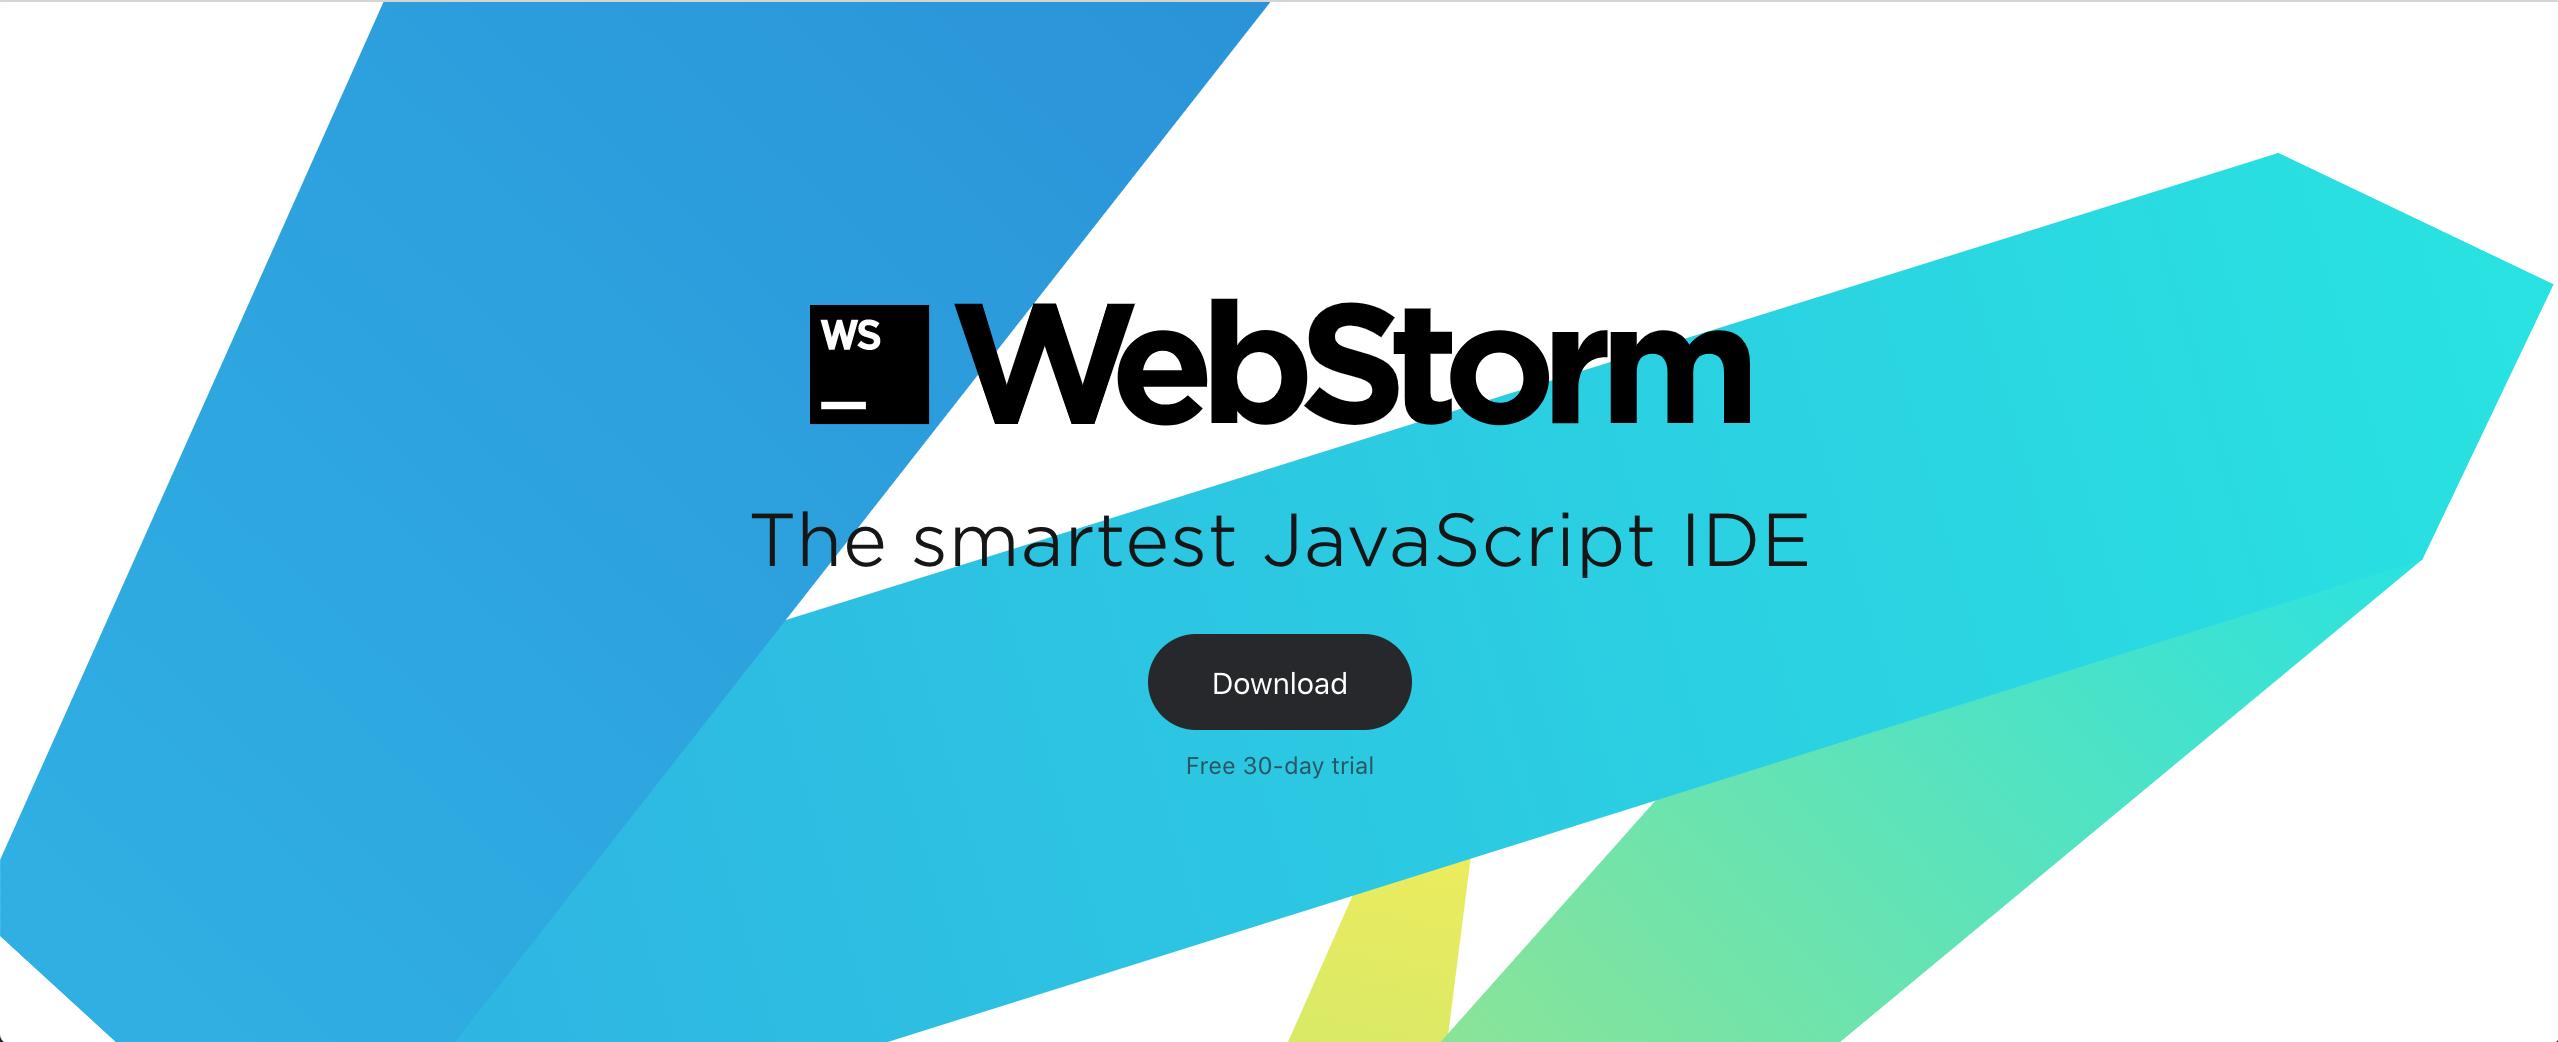 如何在WebStorm中获得对数据库工具和SQL的支持